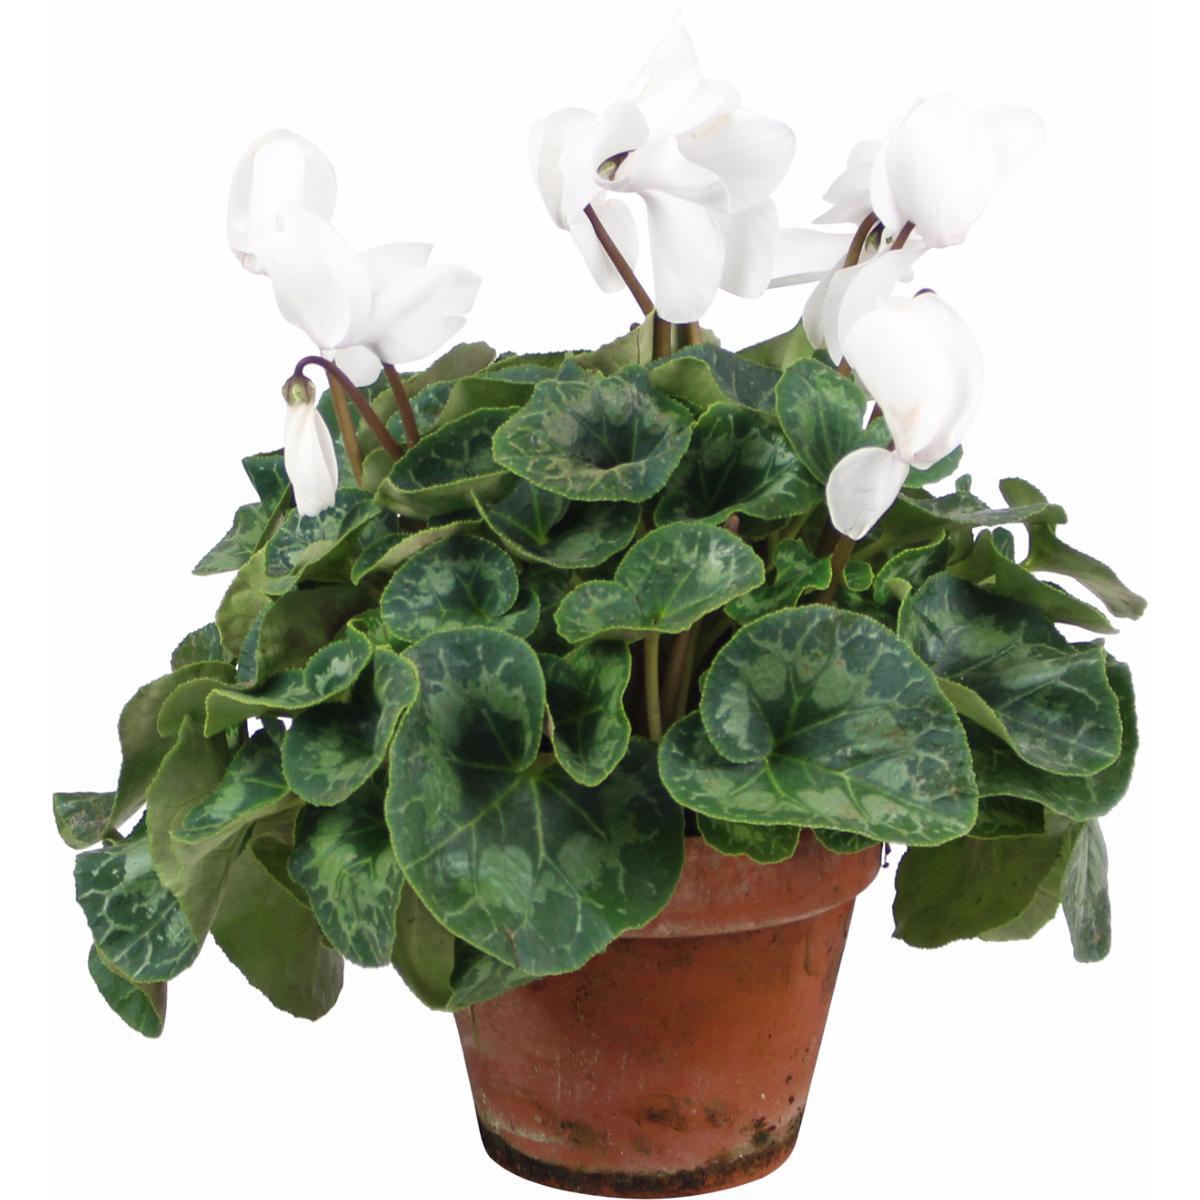 La fontaine fleurie livraison cyclamen compi gne oise - Arrosage cyclamen en pot ...